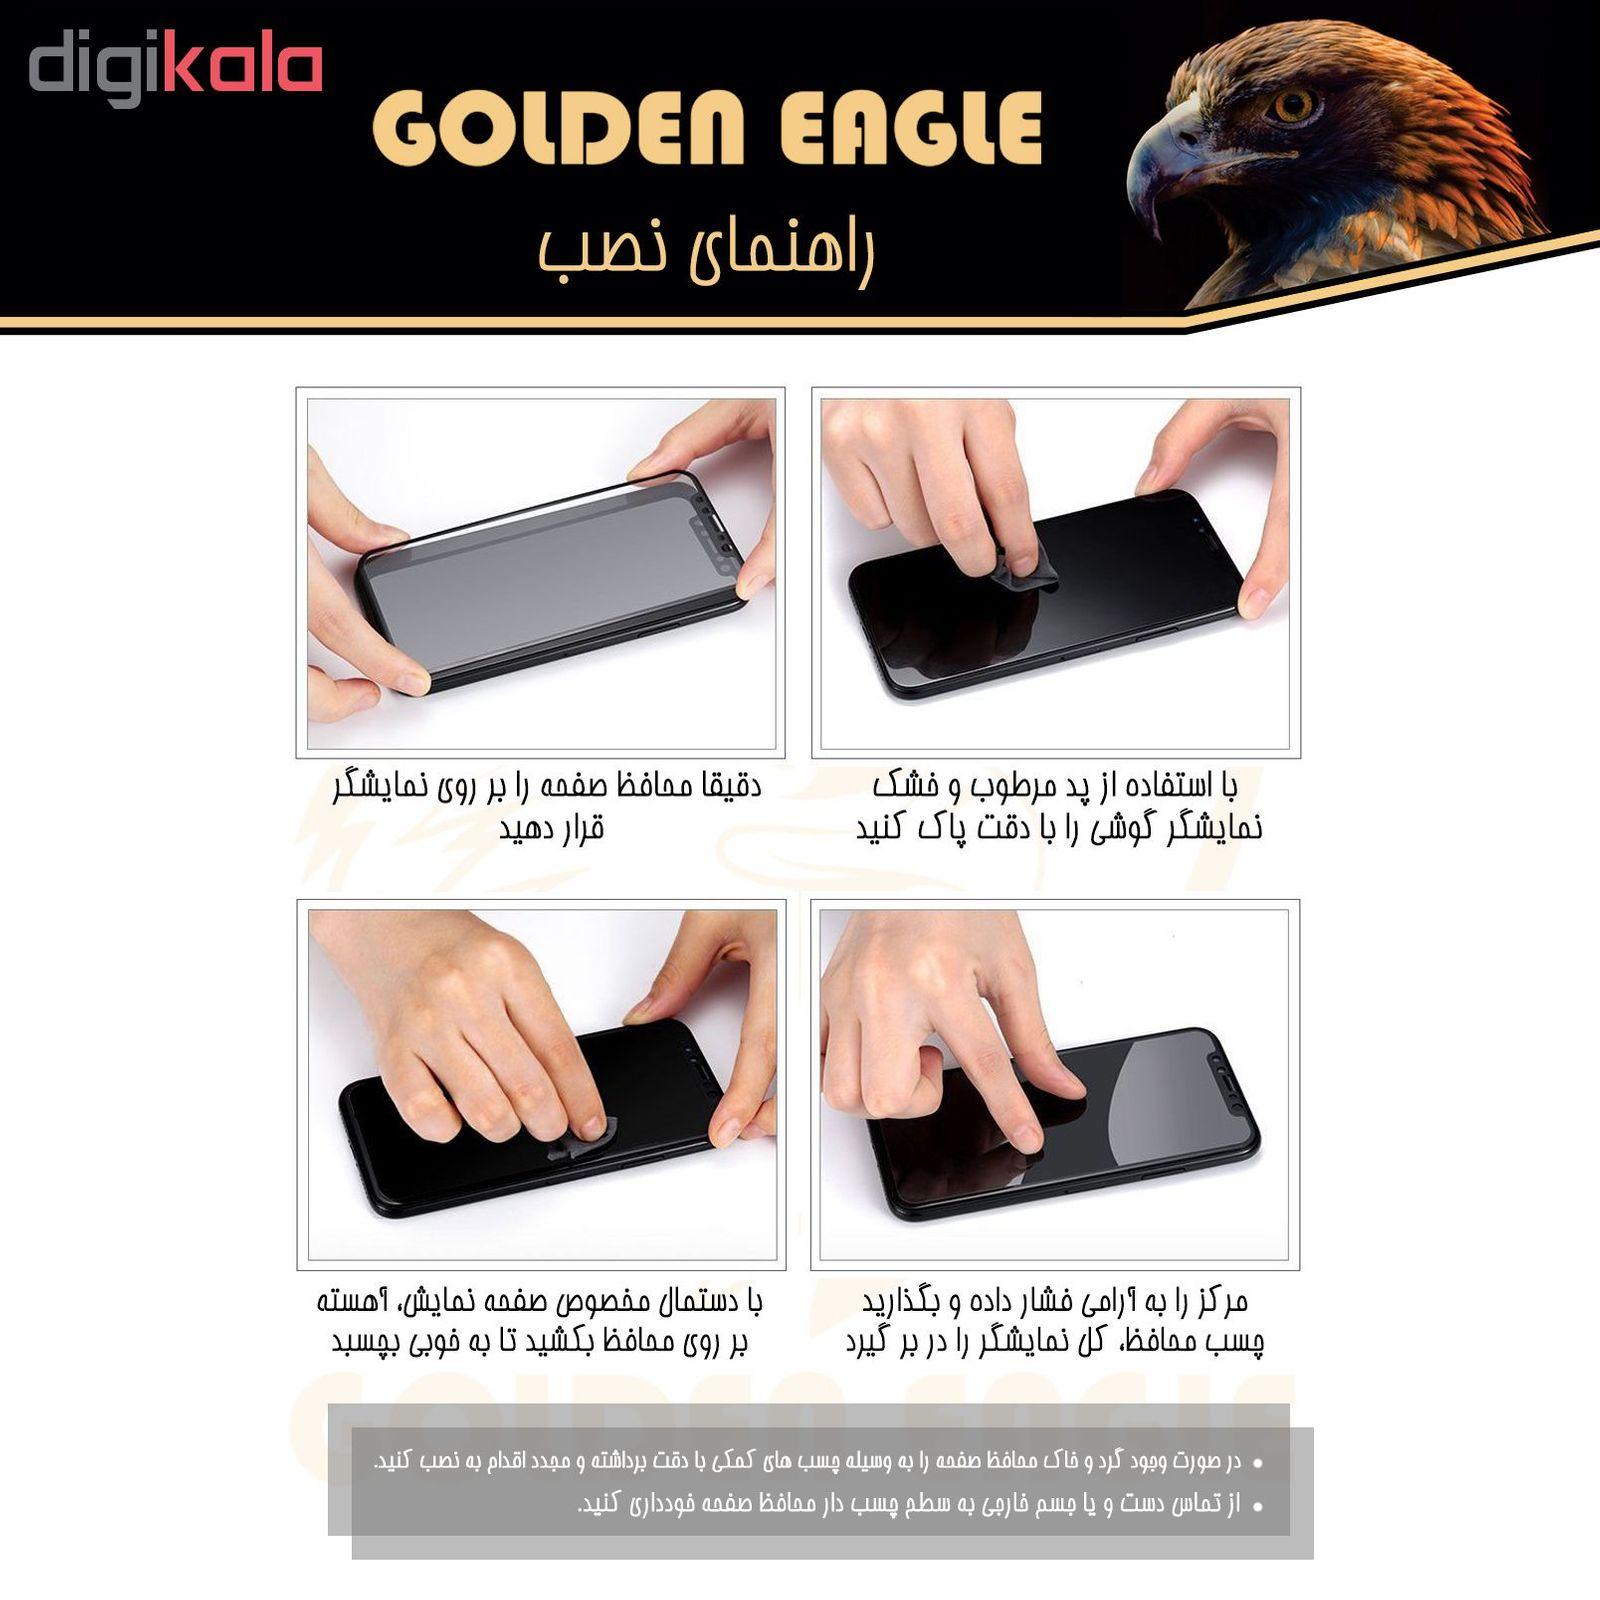 محافظ صفحه نمایش گلدن ایگل مدل DFC-X3 مناسب برای گوشی موبایل سامسونگ Galaxy Note 10 Plus بسته سه عددی main 1 4